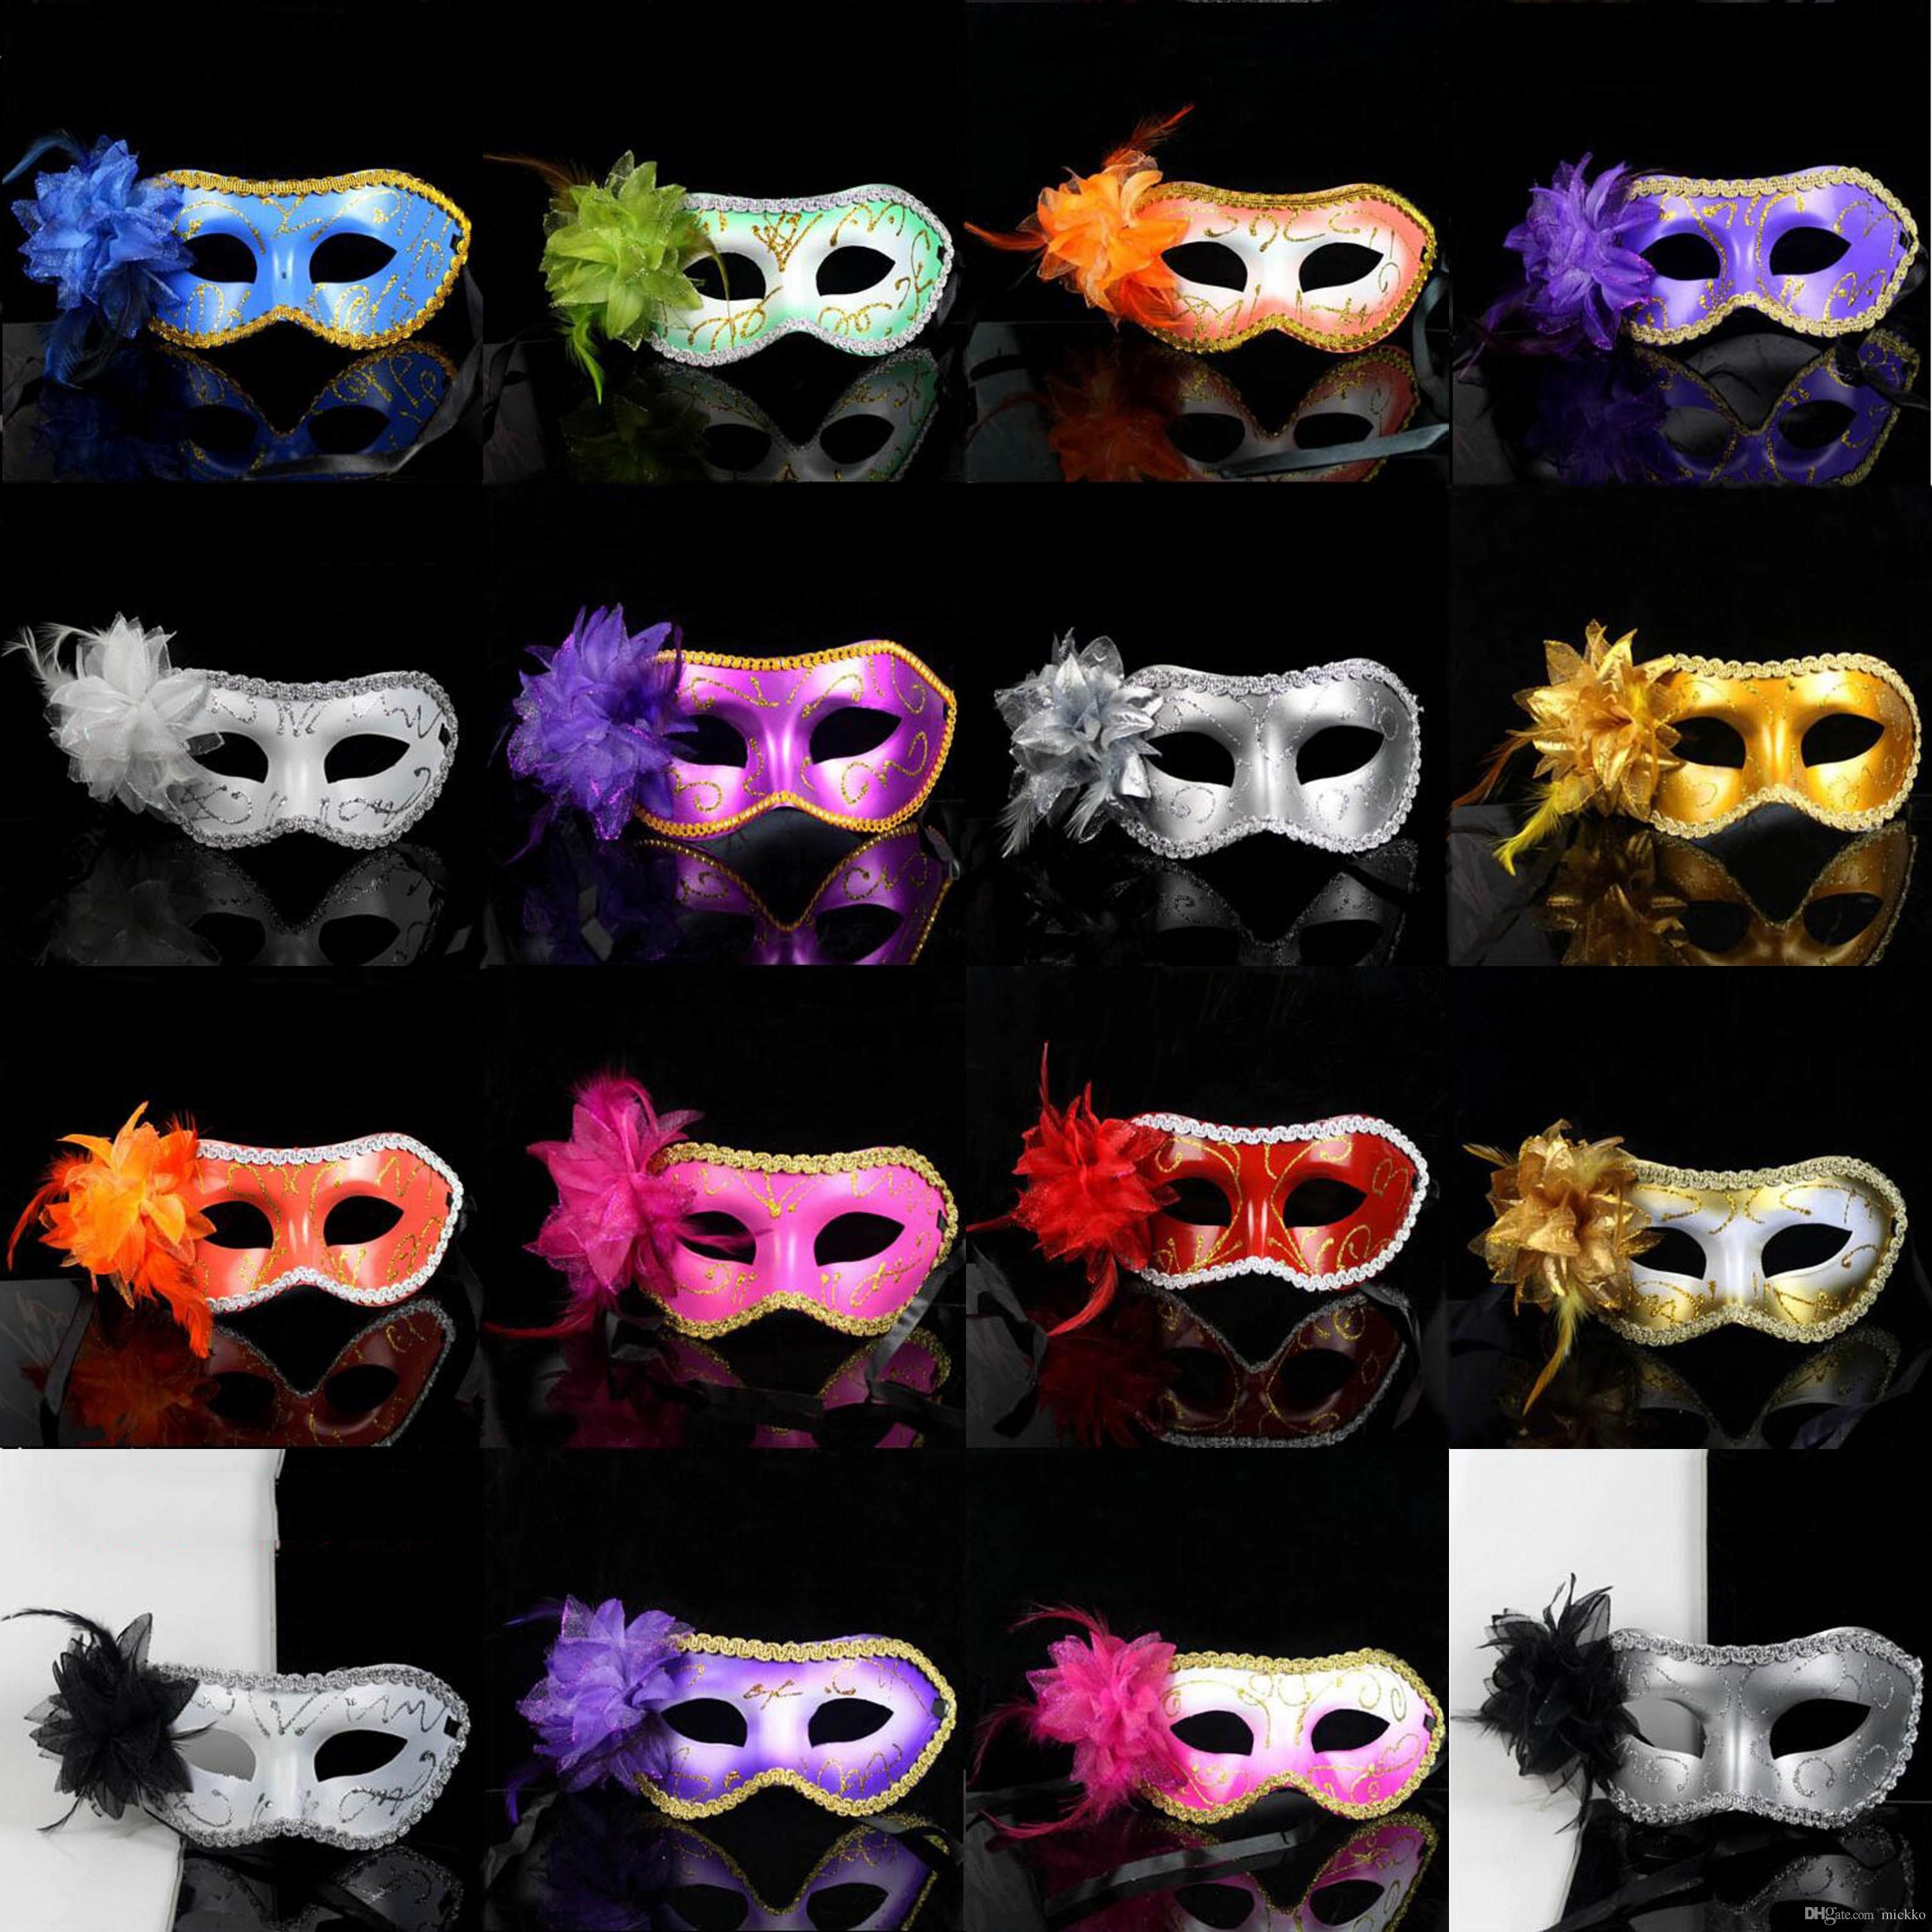 Serin Kadınlar Yan Çiçek Masquerade Maskeleri 19 Renkler Kadınlar Moda Yarım Yüz Cadılar Bayramı Maskeleri Cadılar Bayramı Partisi Kutlama PVC Maskeleri